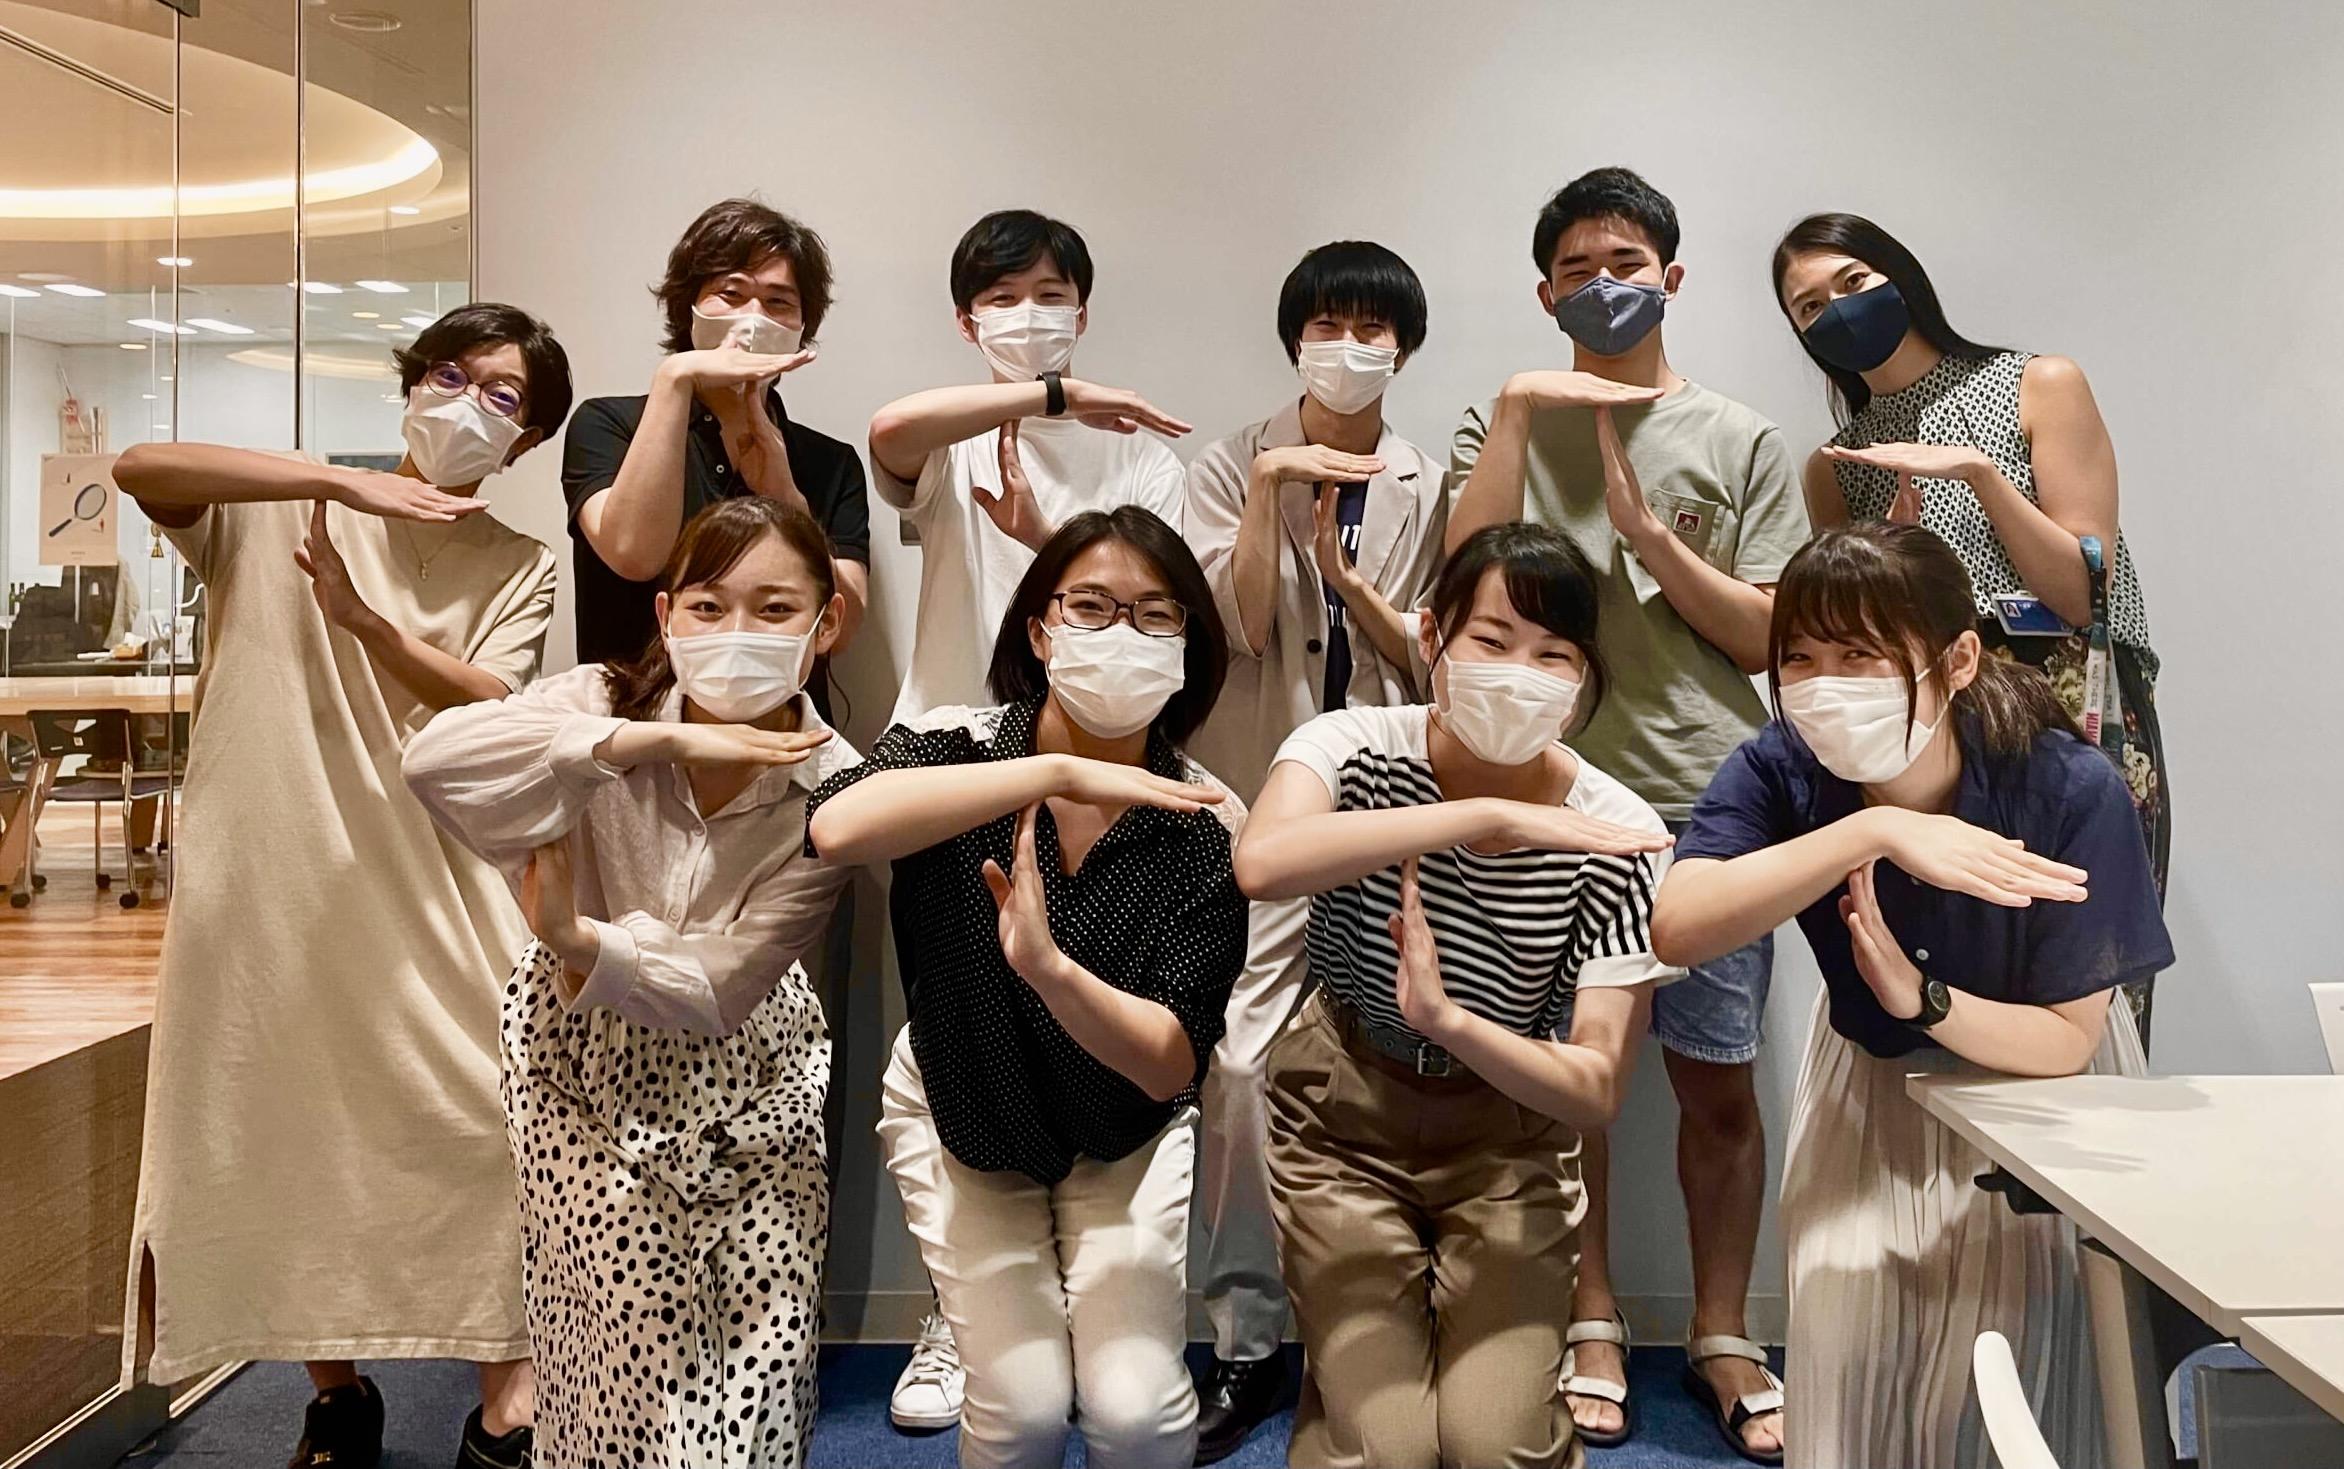 東京都立大学『現場体験型インターンシップ』にキュービックが参画、学生受入に協力